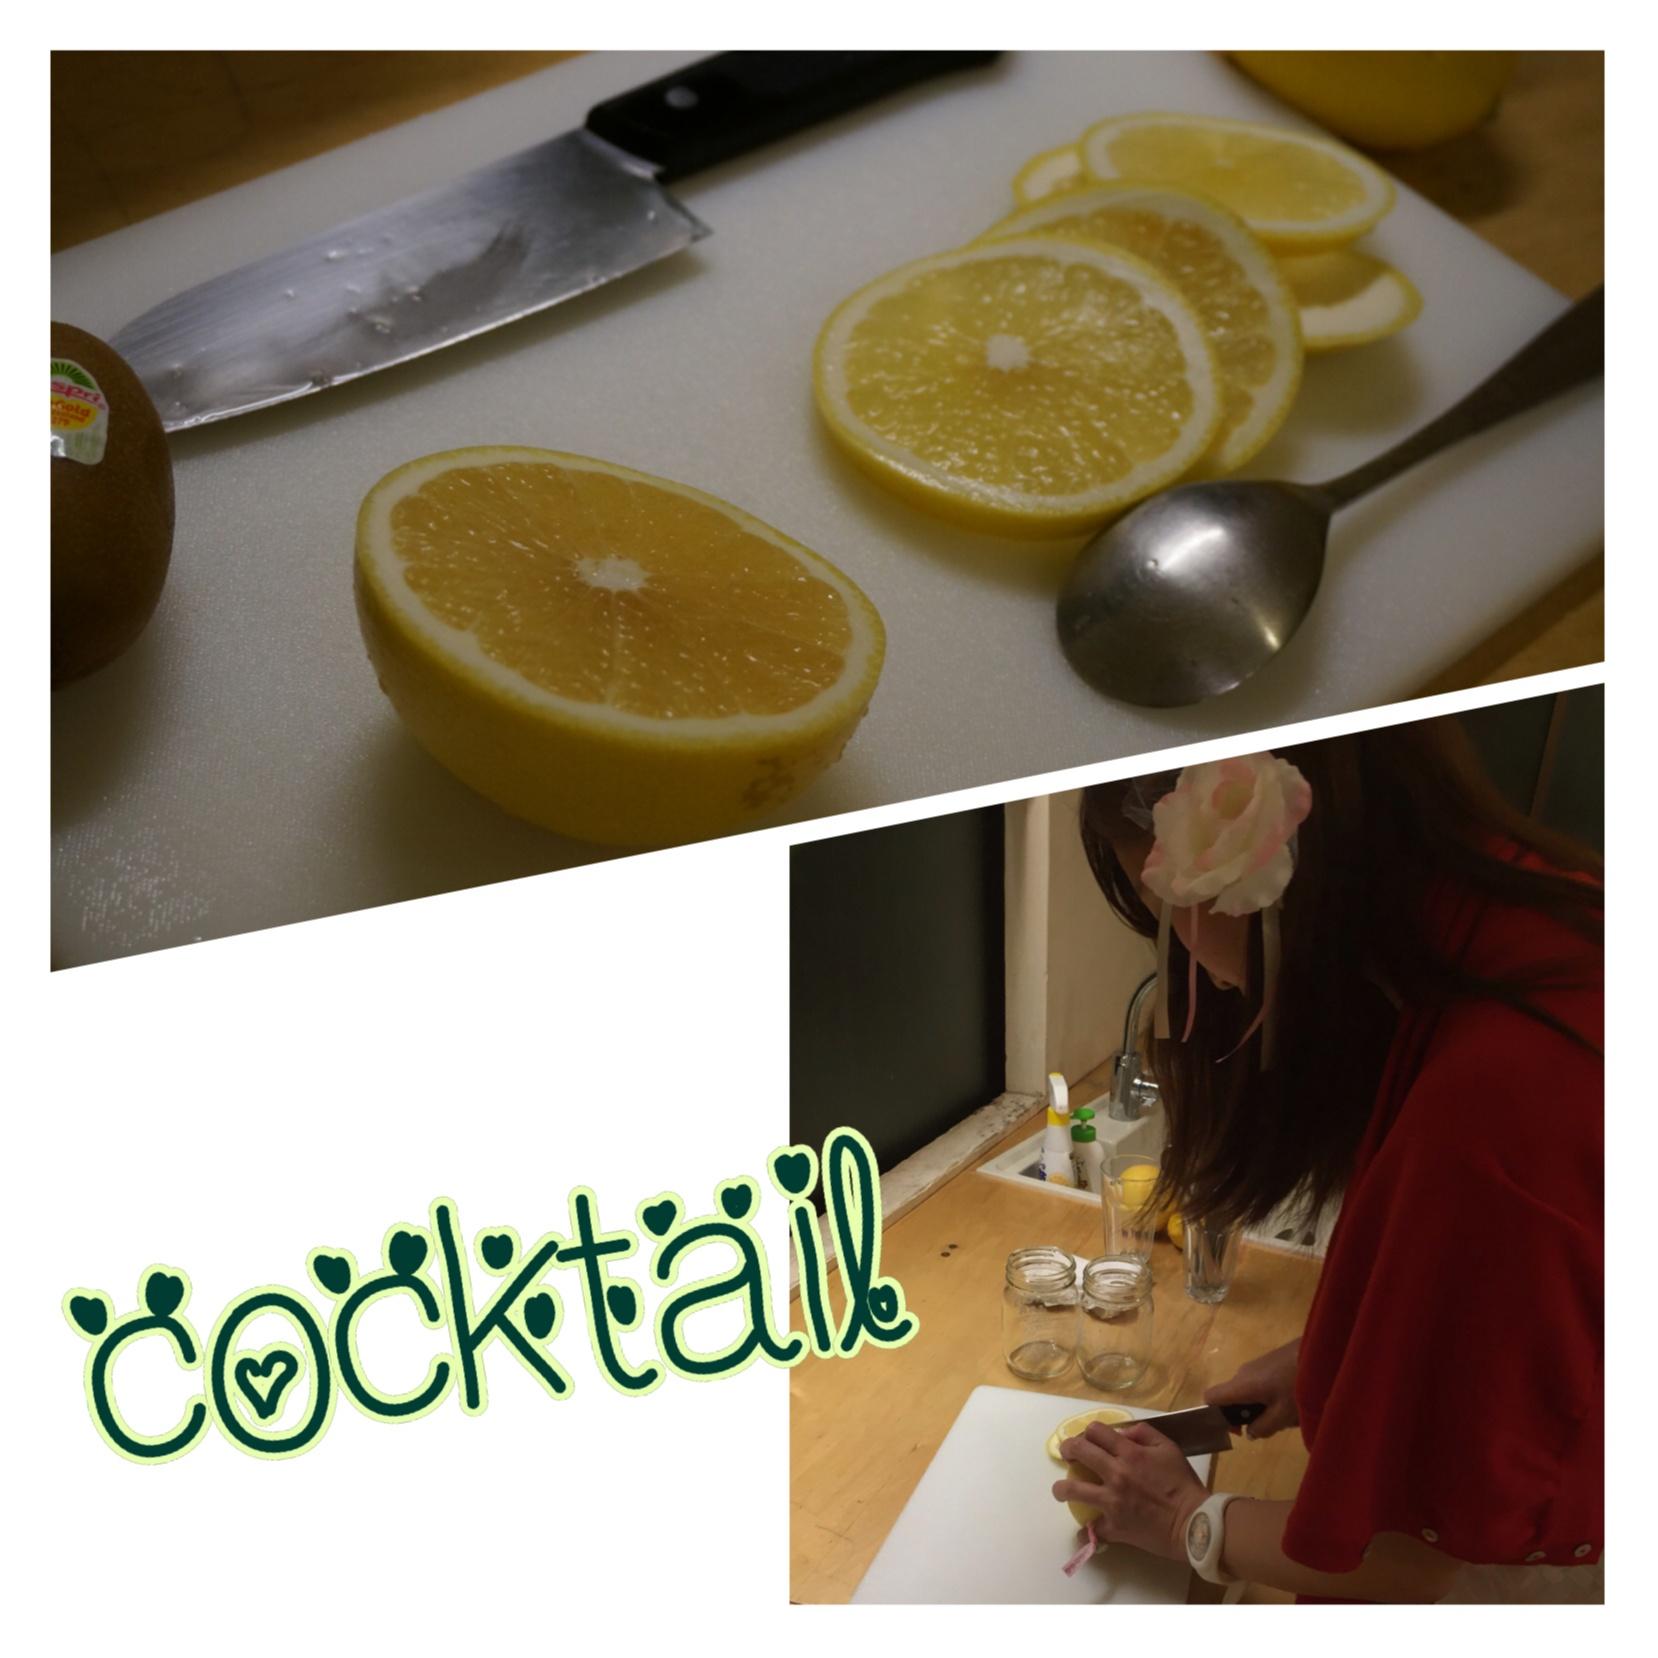 レンタルスペース【one kitchen】で夜ピクニック⁉️ルジェフルーツジャーでお洒落カクテルparty( ´ ▽ ` )ノ_3